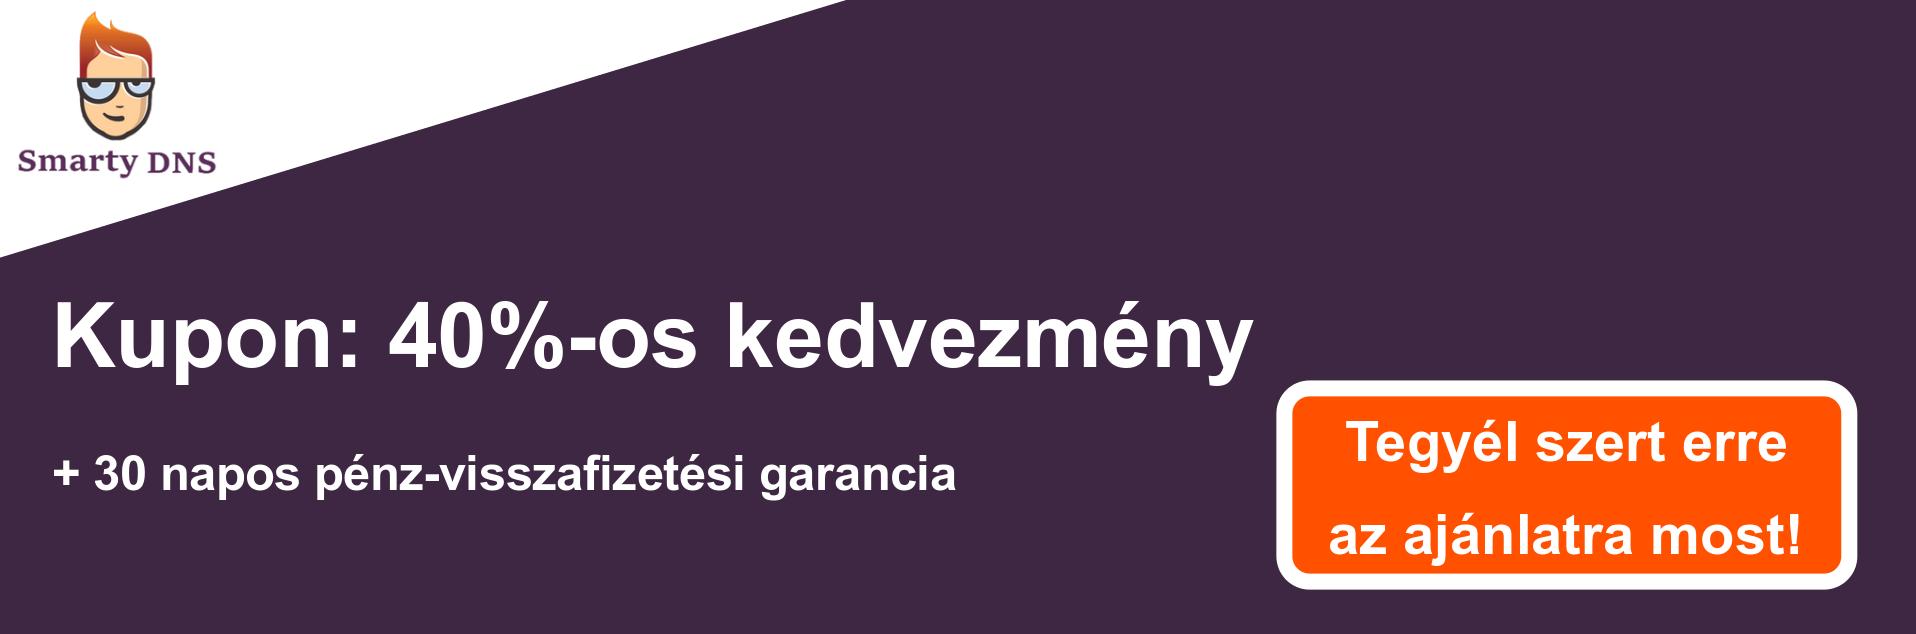 SmartyDNS szelvény banner - 40% kedvezmény